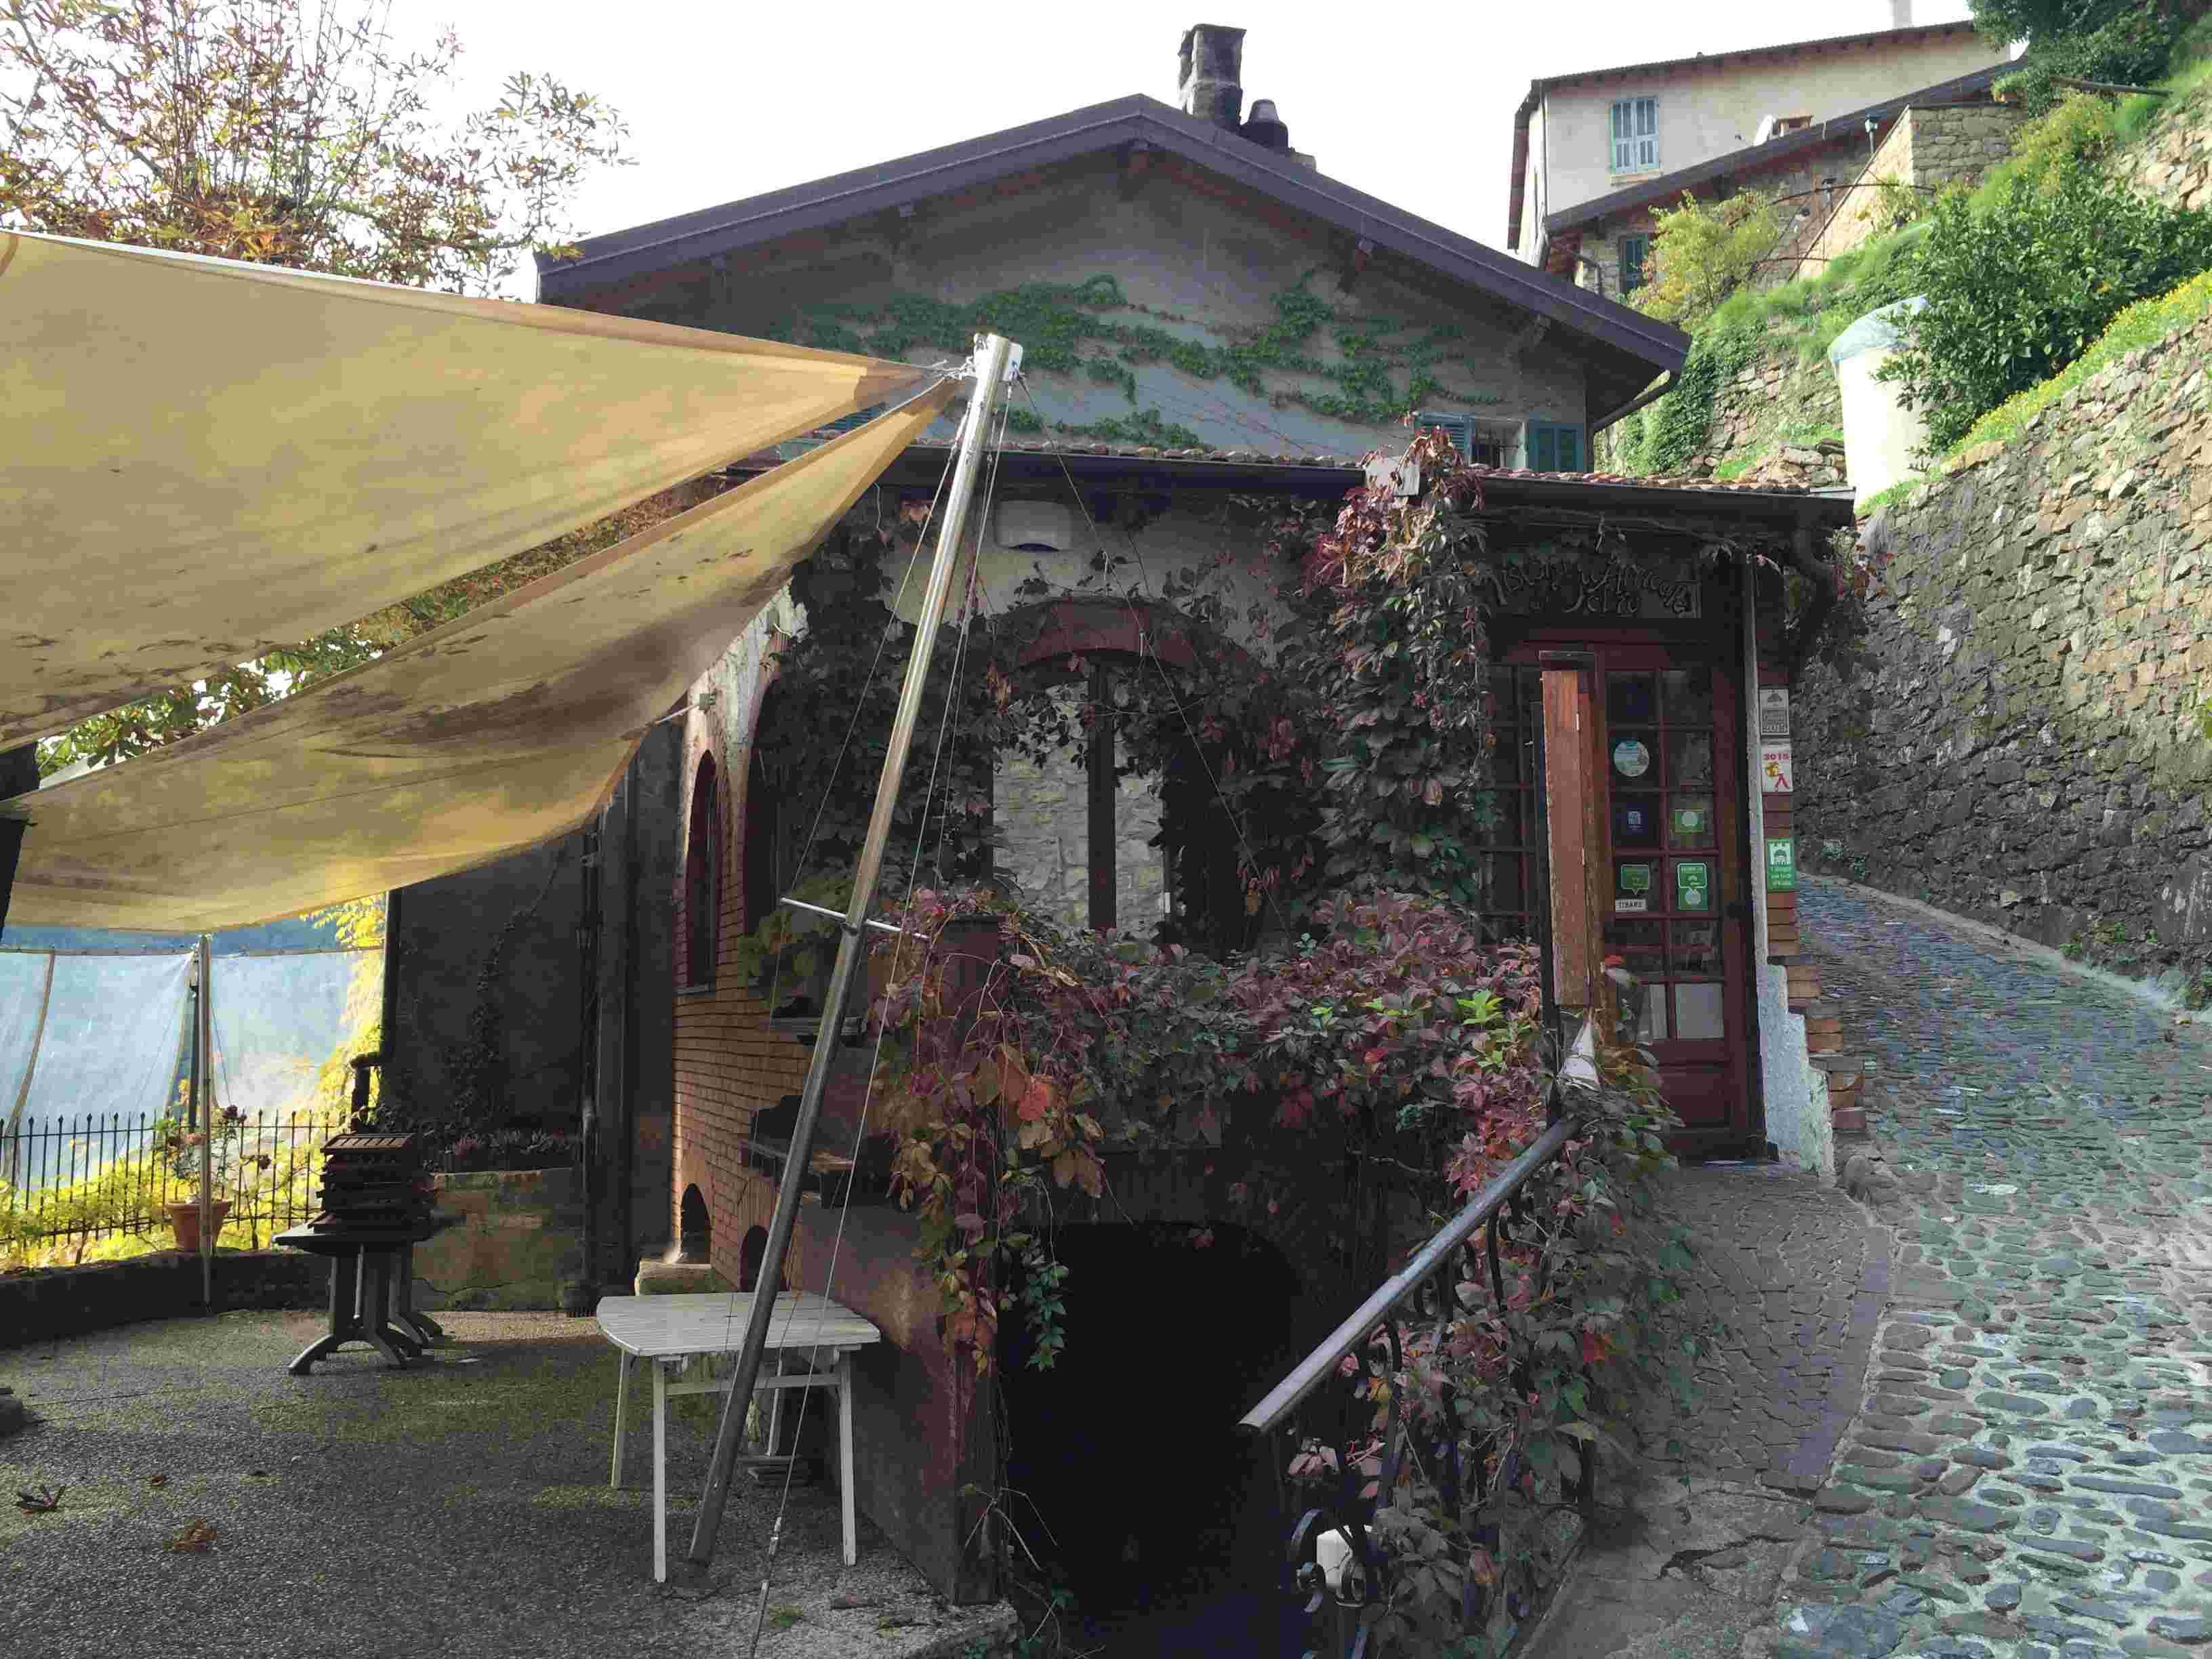 Apricale, le plus beau village d'Italie Img_6710